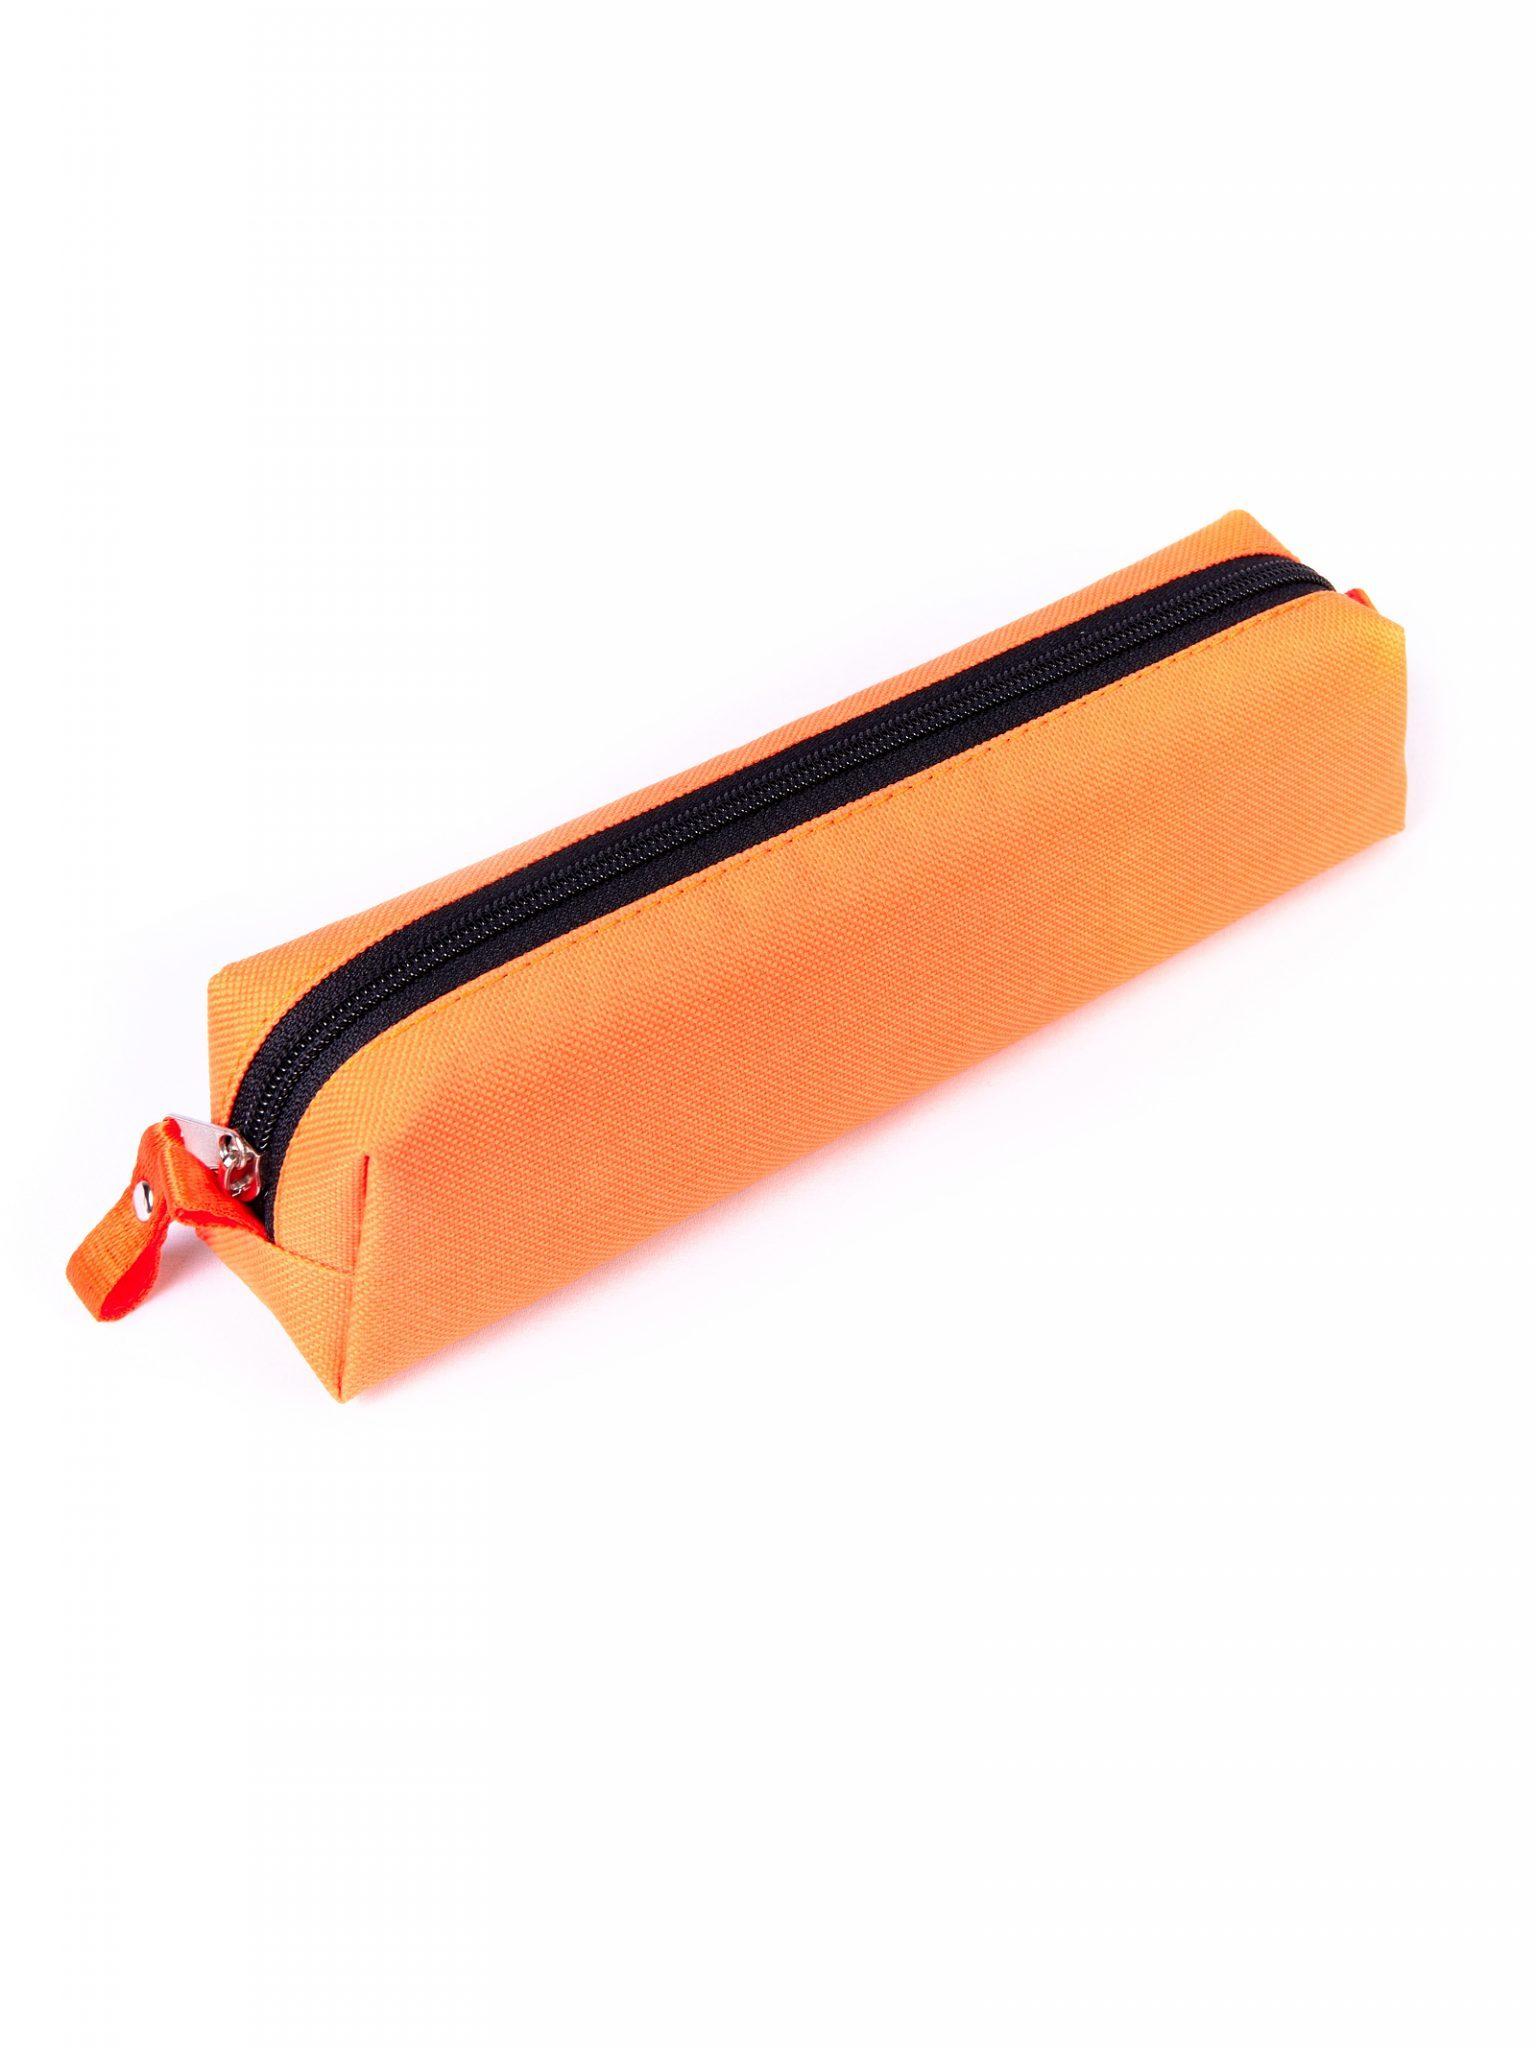 Пенал модель: Rondo цвет: Оранжевый